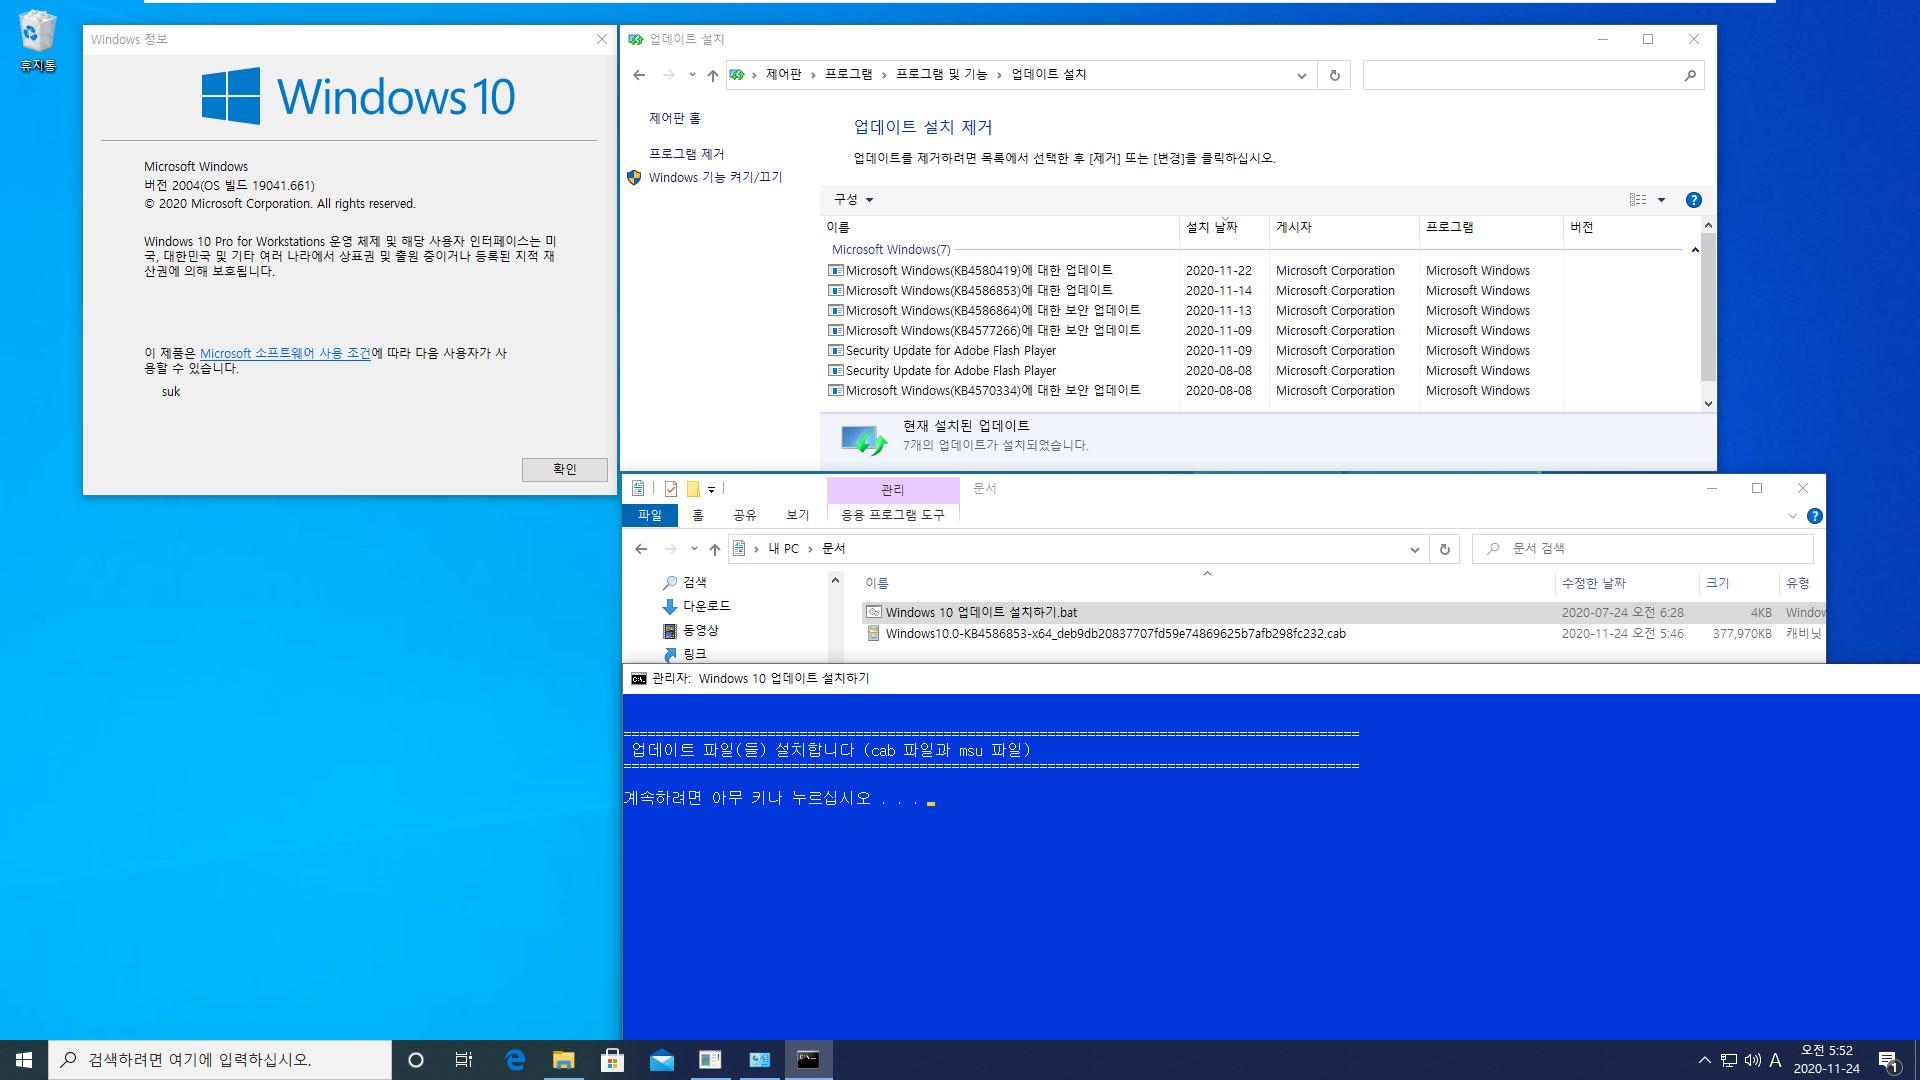 2020-11-24 화요일 [프리뷰 유출] Windows 10 버전 2004 + 버전 20H2 누적 업데이트 KB4586853 (OS 빌드 19041.662 + 19042.662) - vmware에 설치 테스트 2020-11-24_055218.jpg